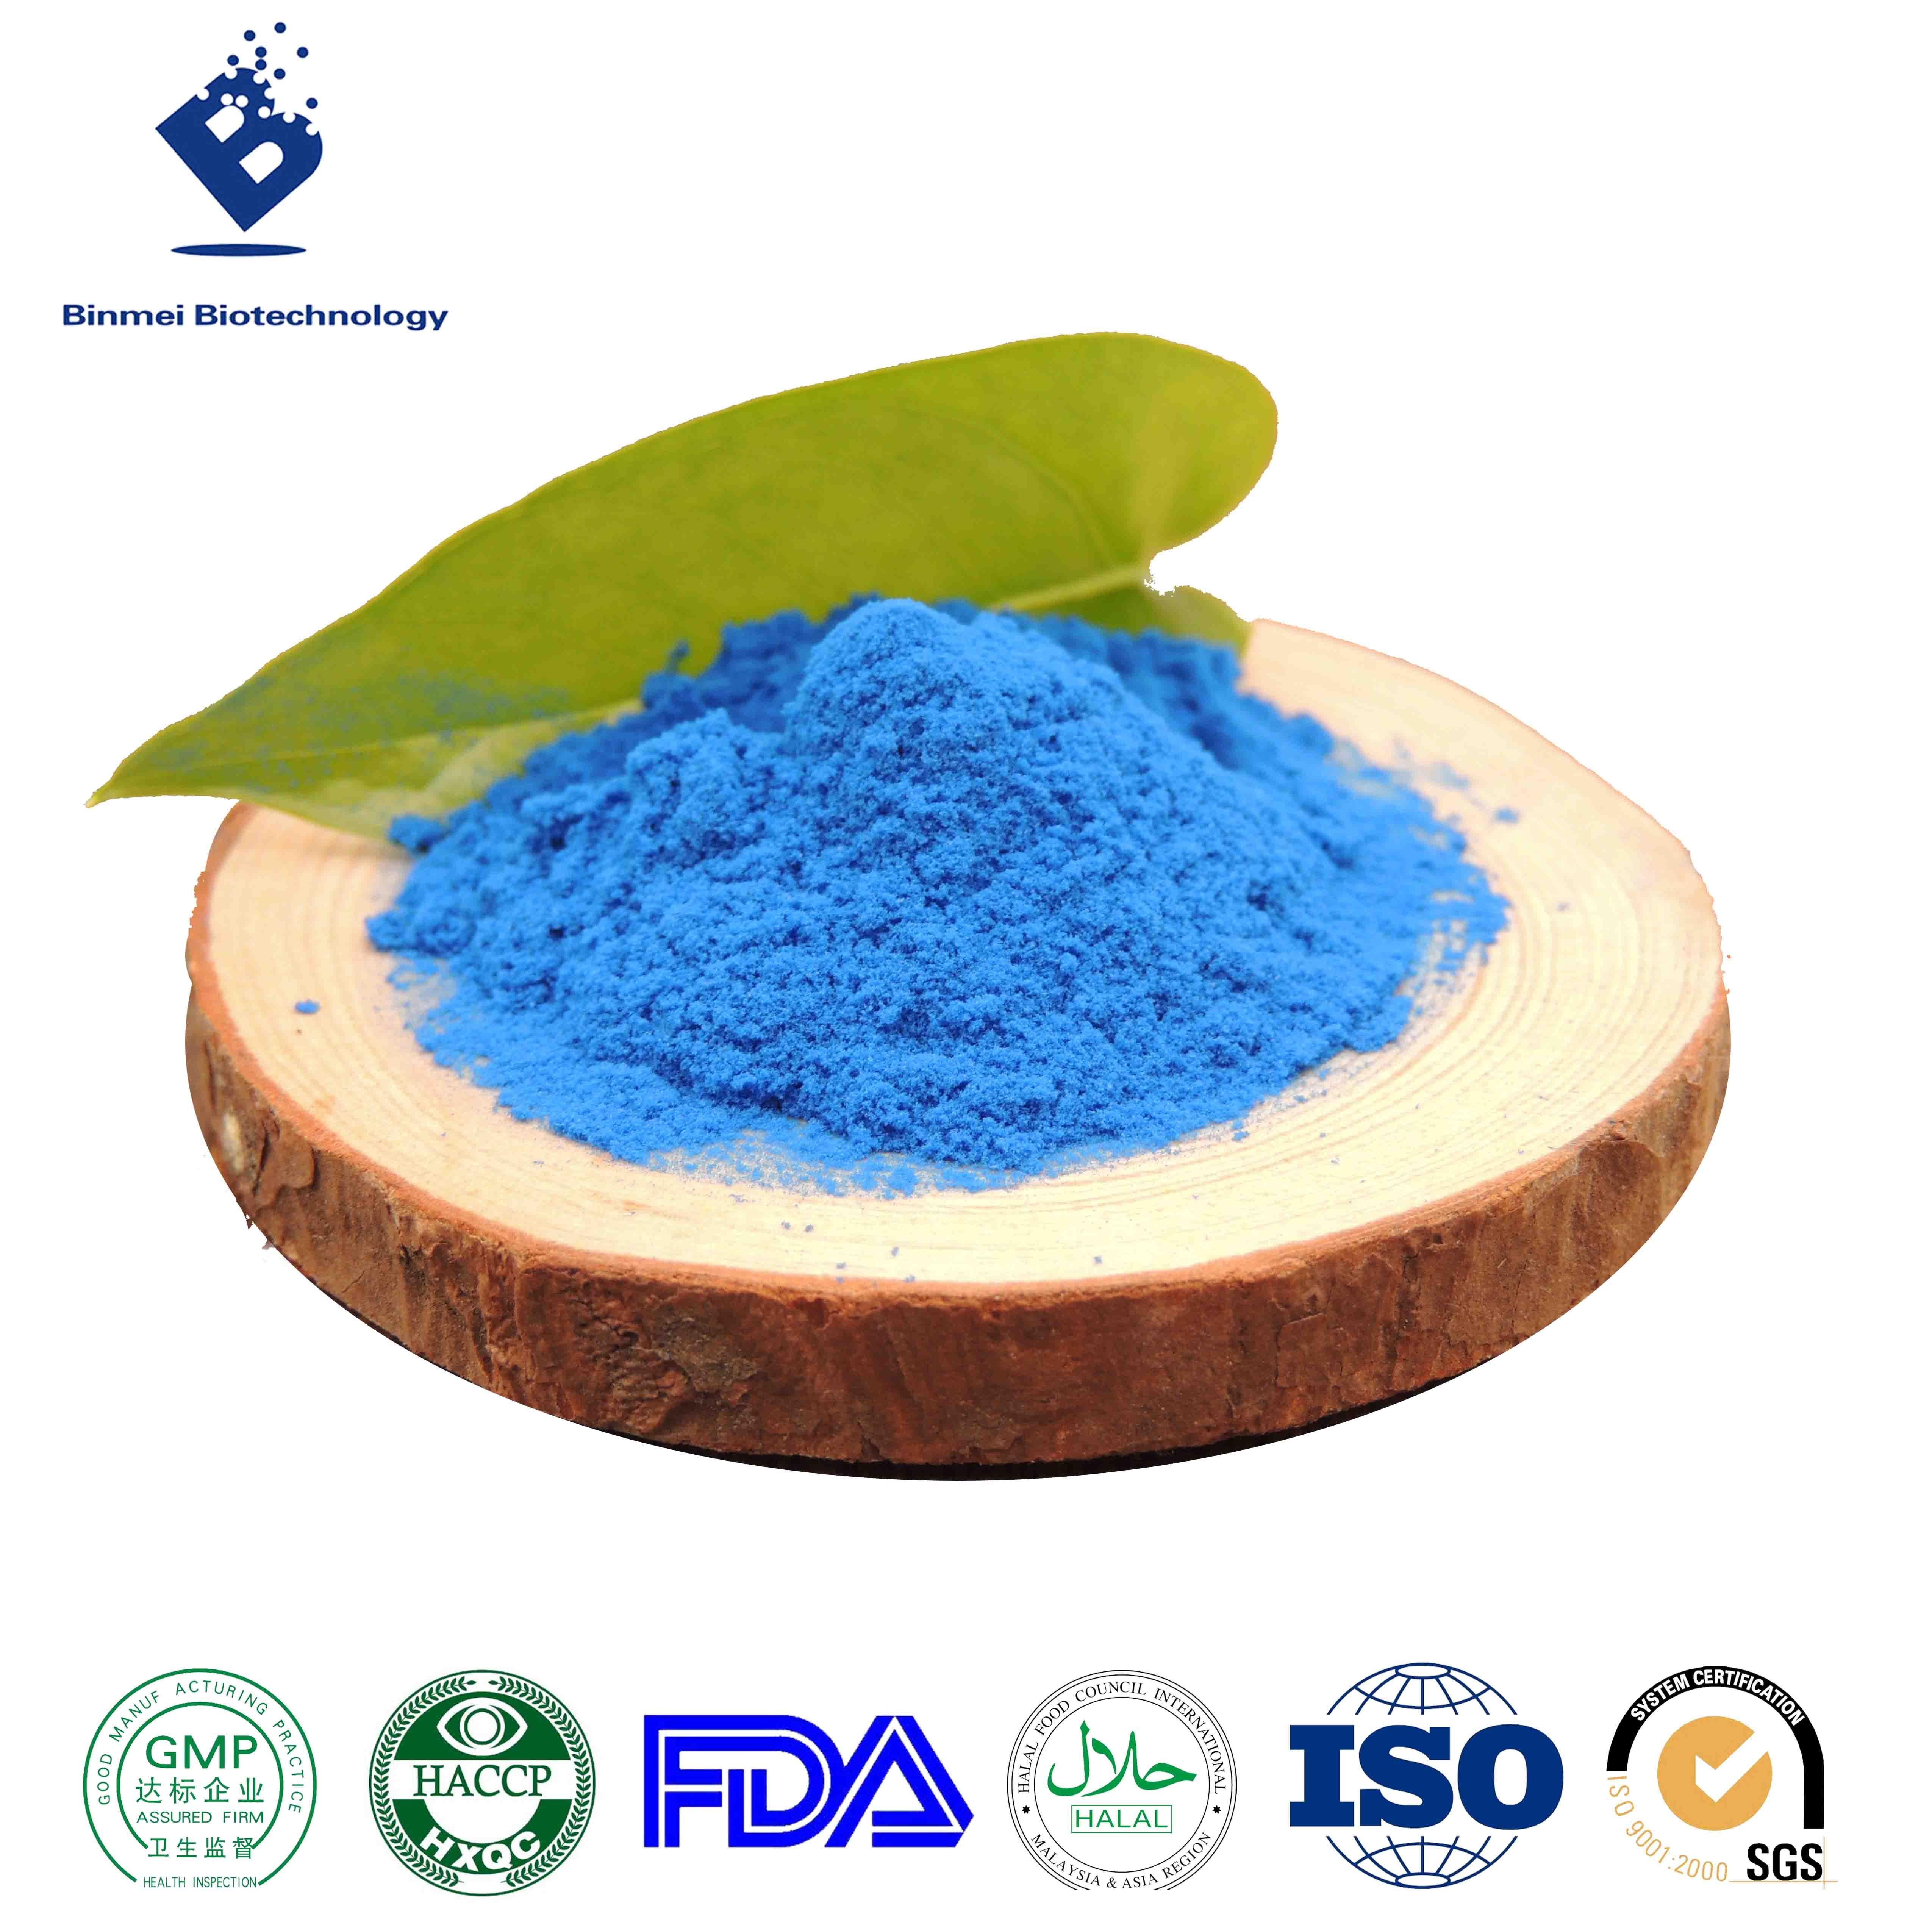 藻蓝蛋白E18天然蓝色色素宾美生物现货供应